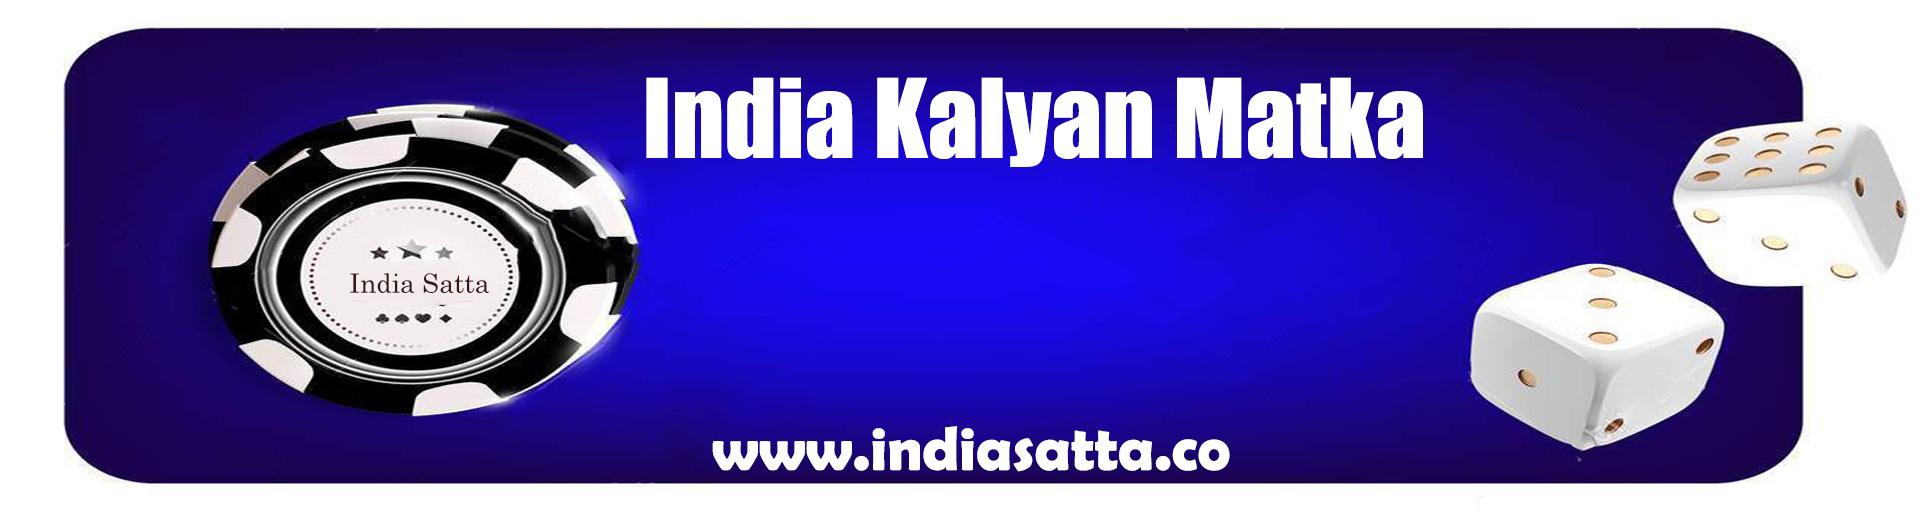 India Kalyan Matka